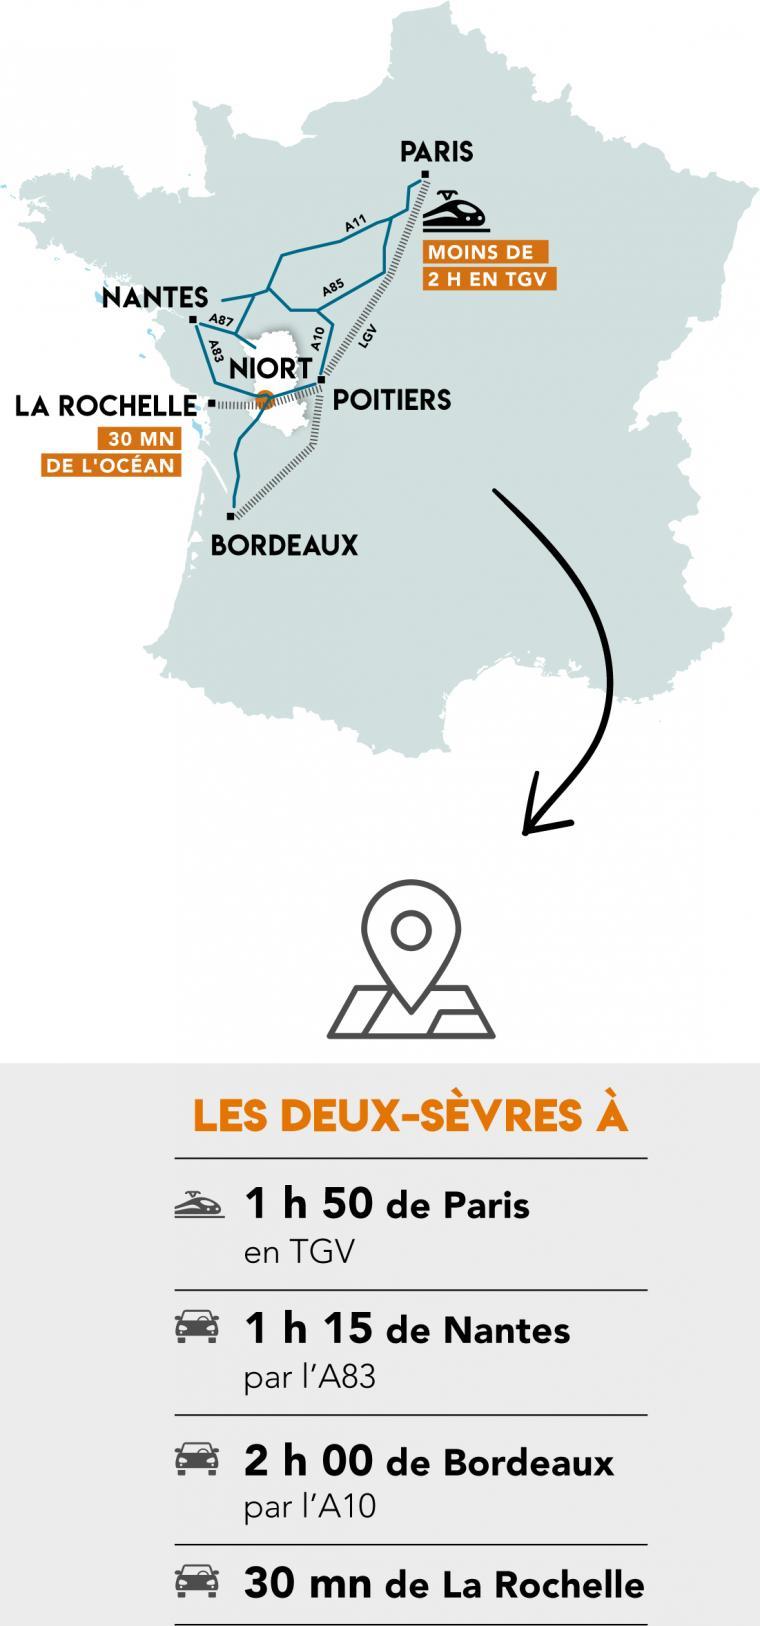 Comment venir en Deux-Sèvres ?